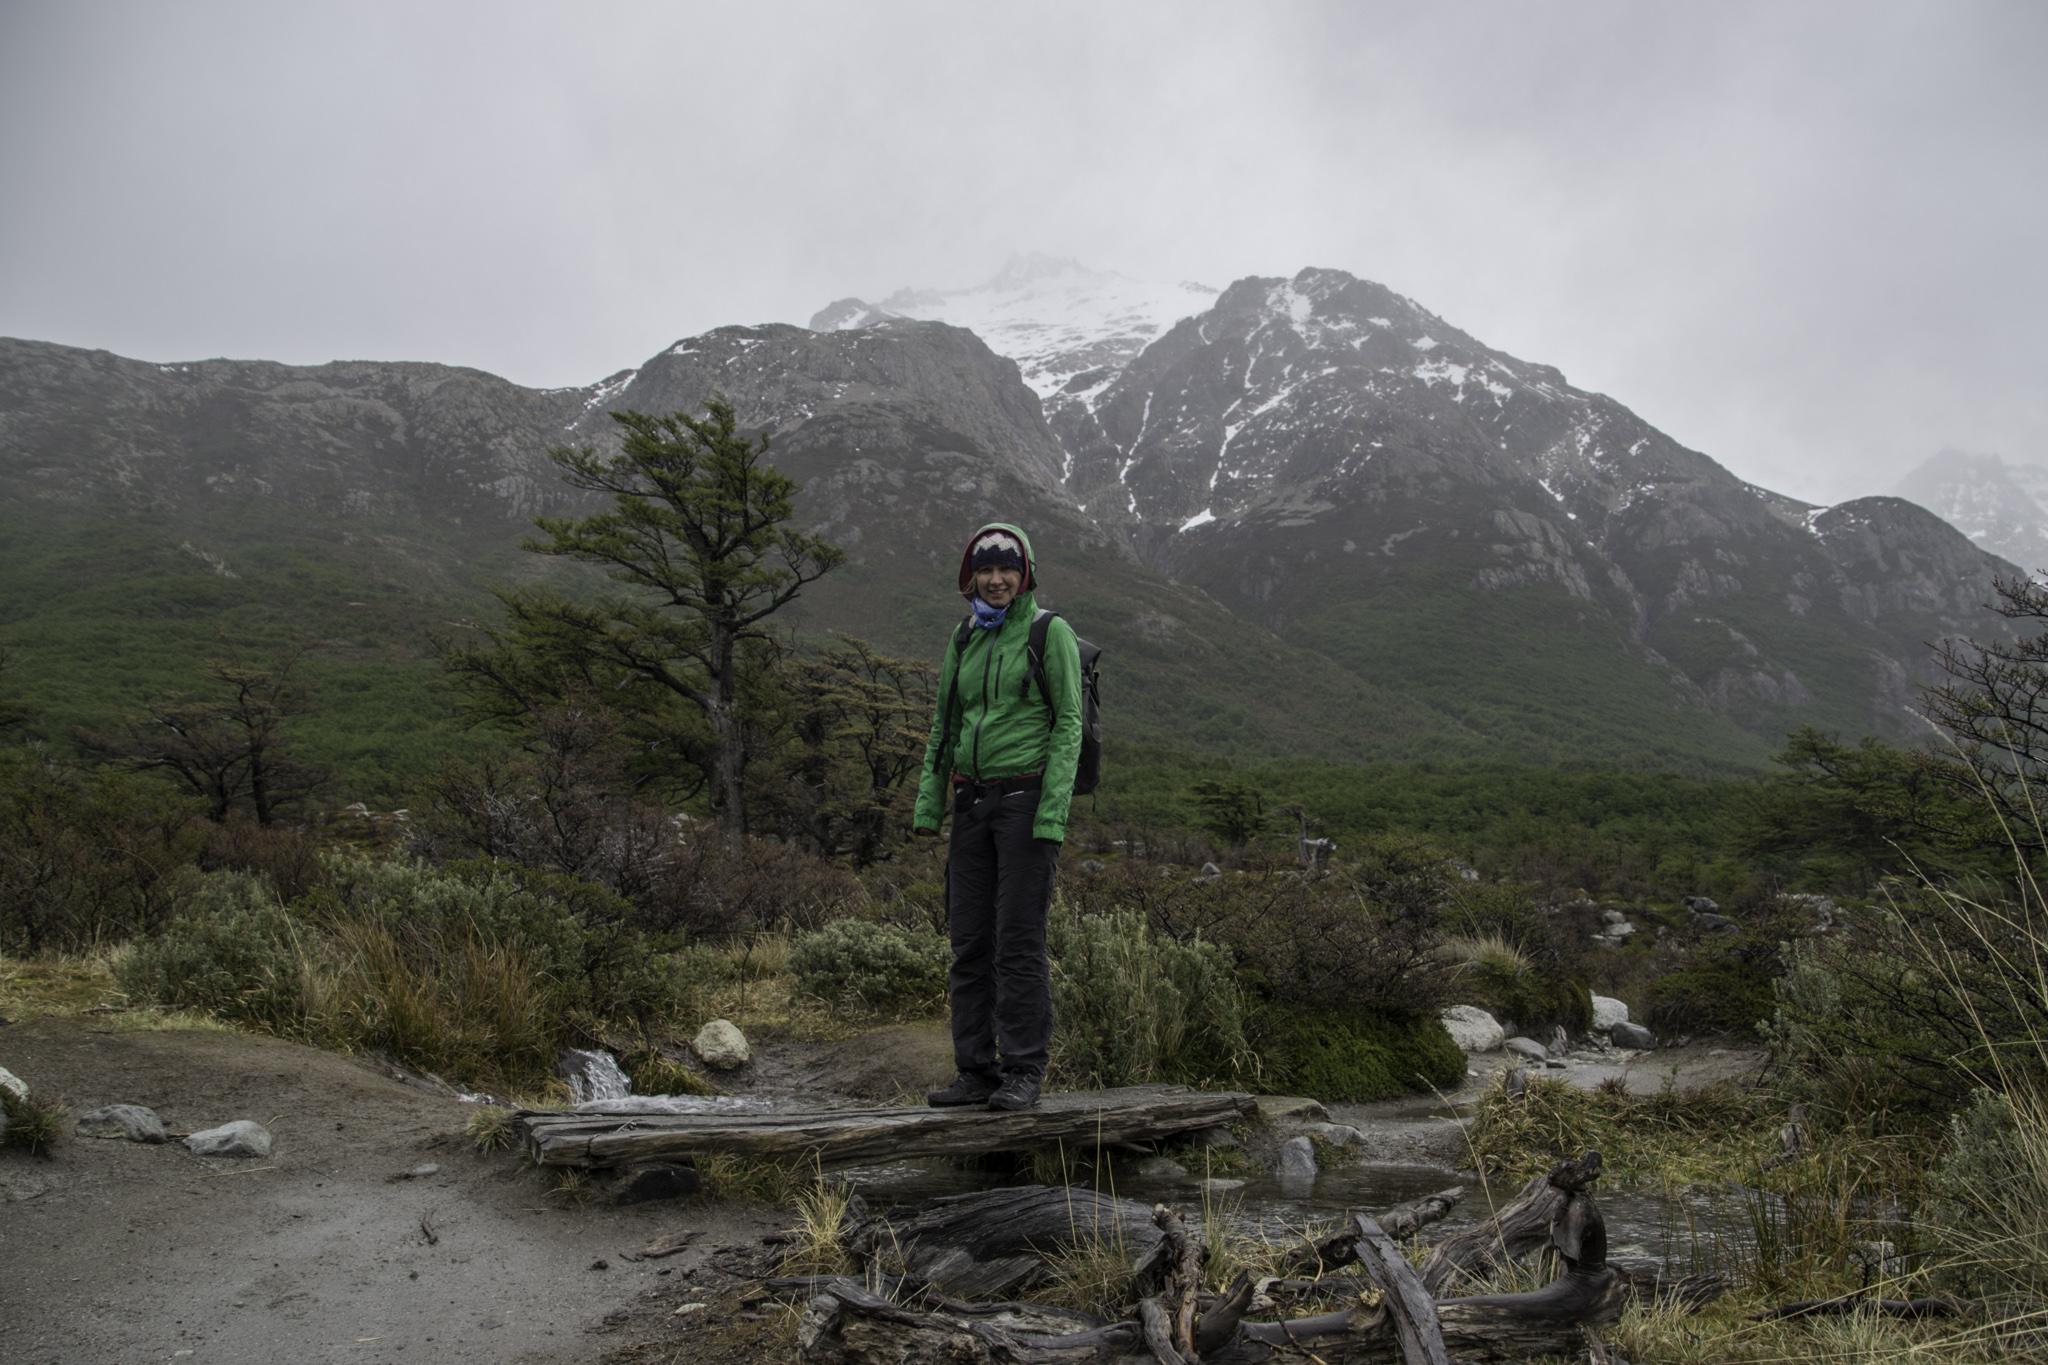 Verregnete, verschneite und verwindete Wanderung zum Fitz Roy